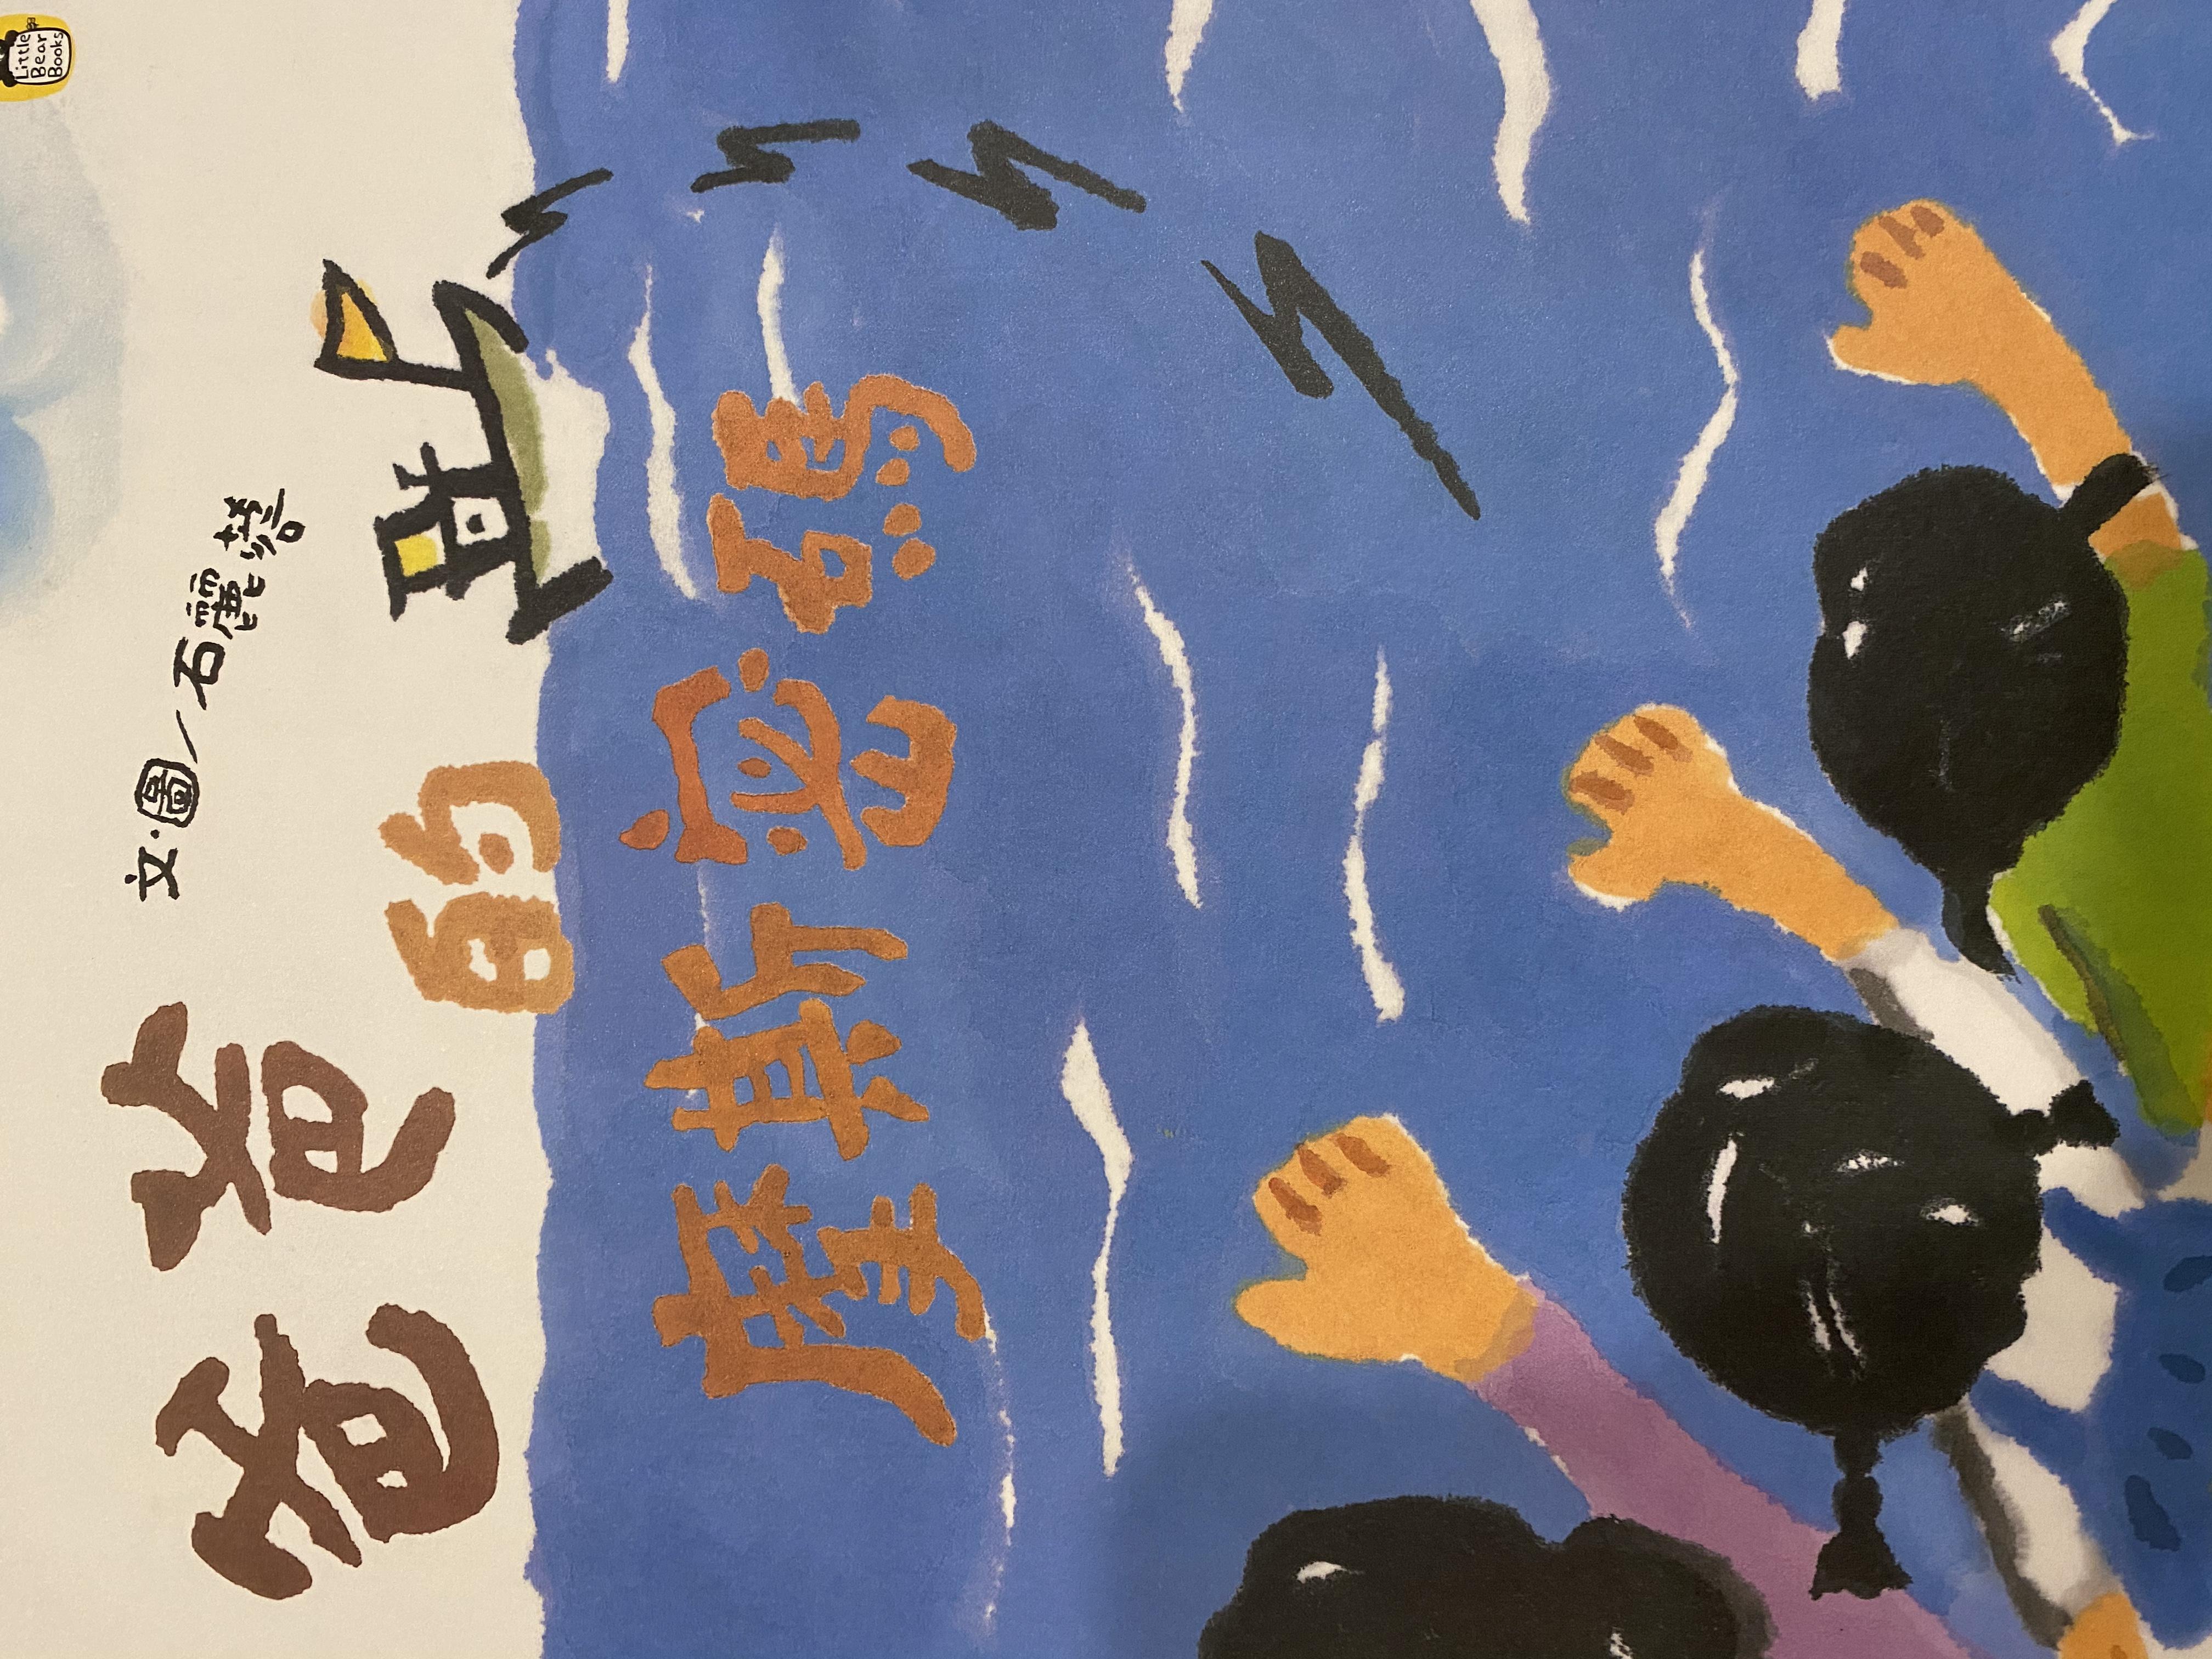 S3-155/ 爸爸的摩斯密碼/ 文圖 石麗蓉/ 小熊出版